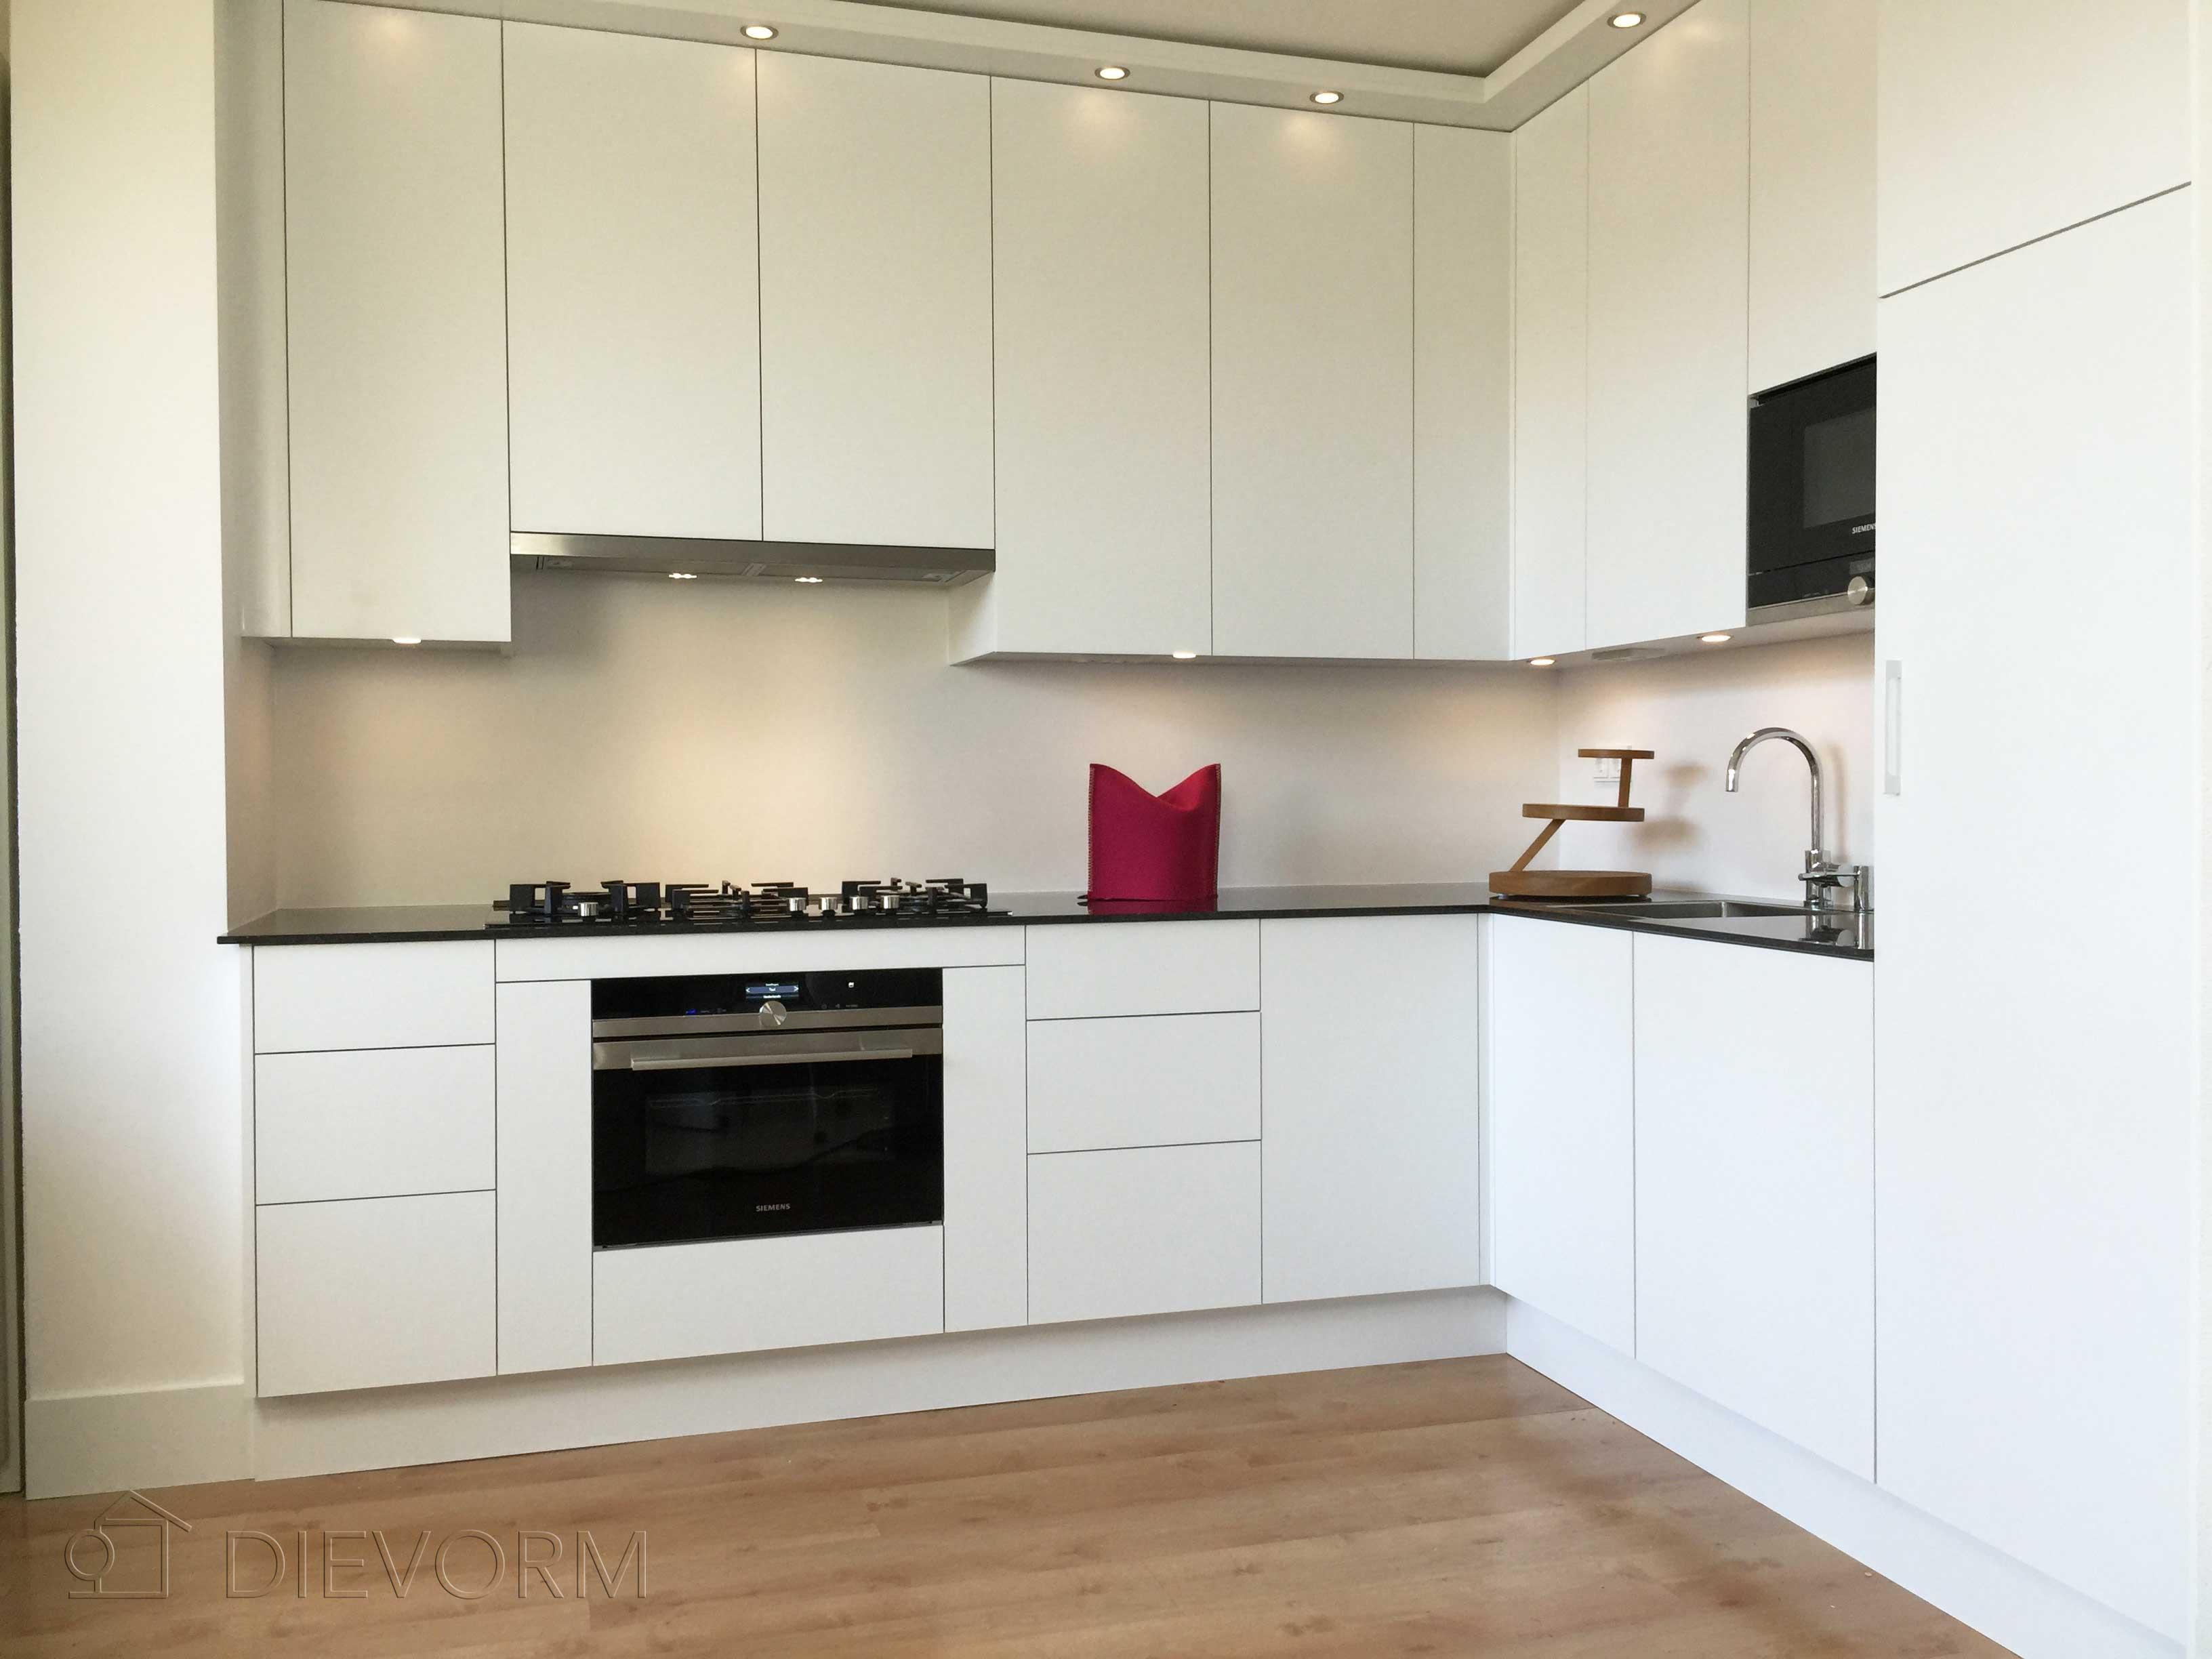 Renovatie Van Keukens : Keuken renovatie keuken op maat